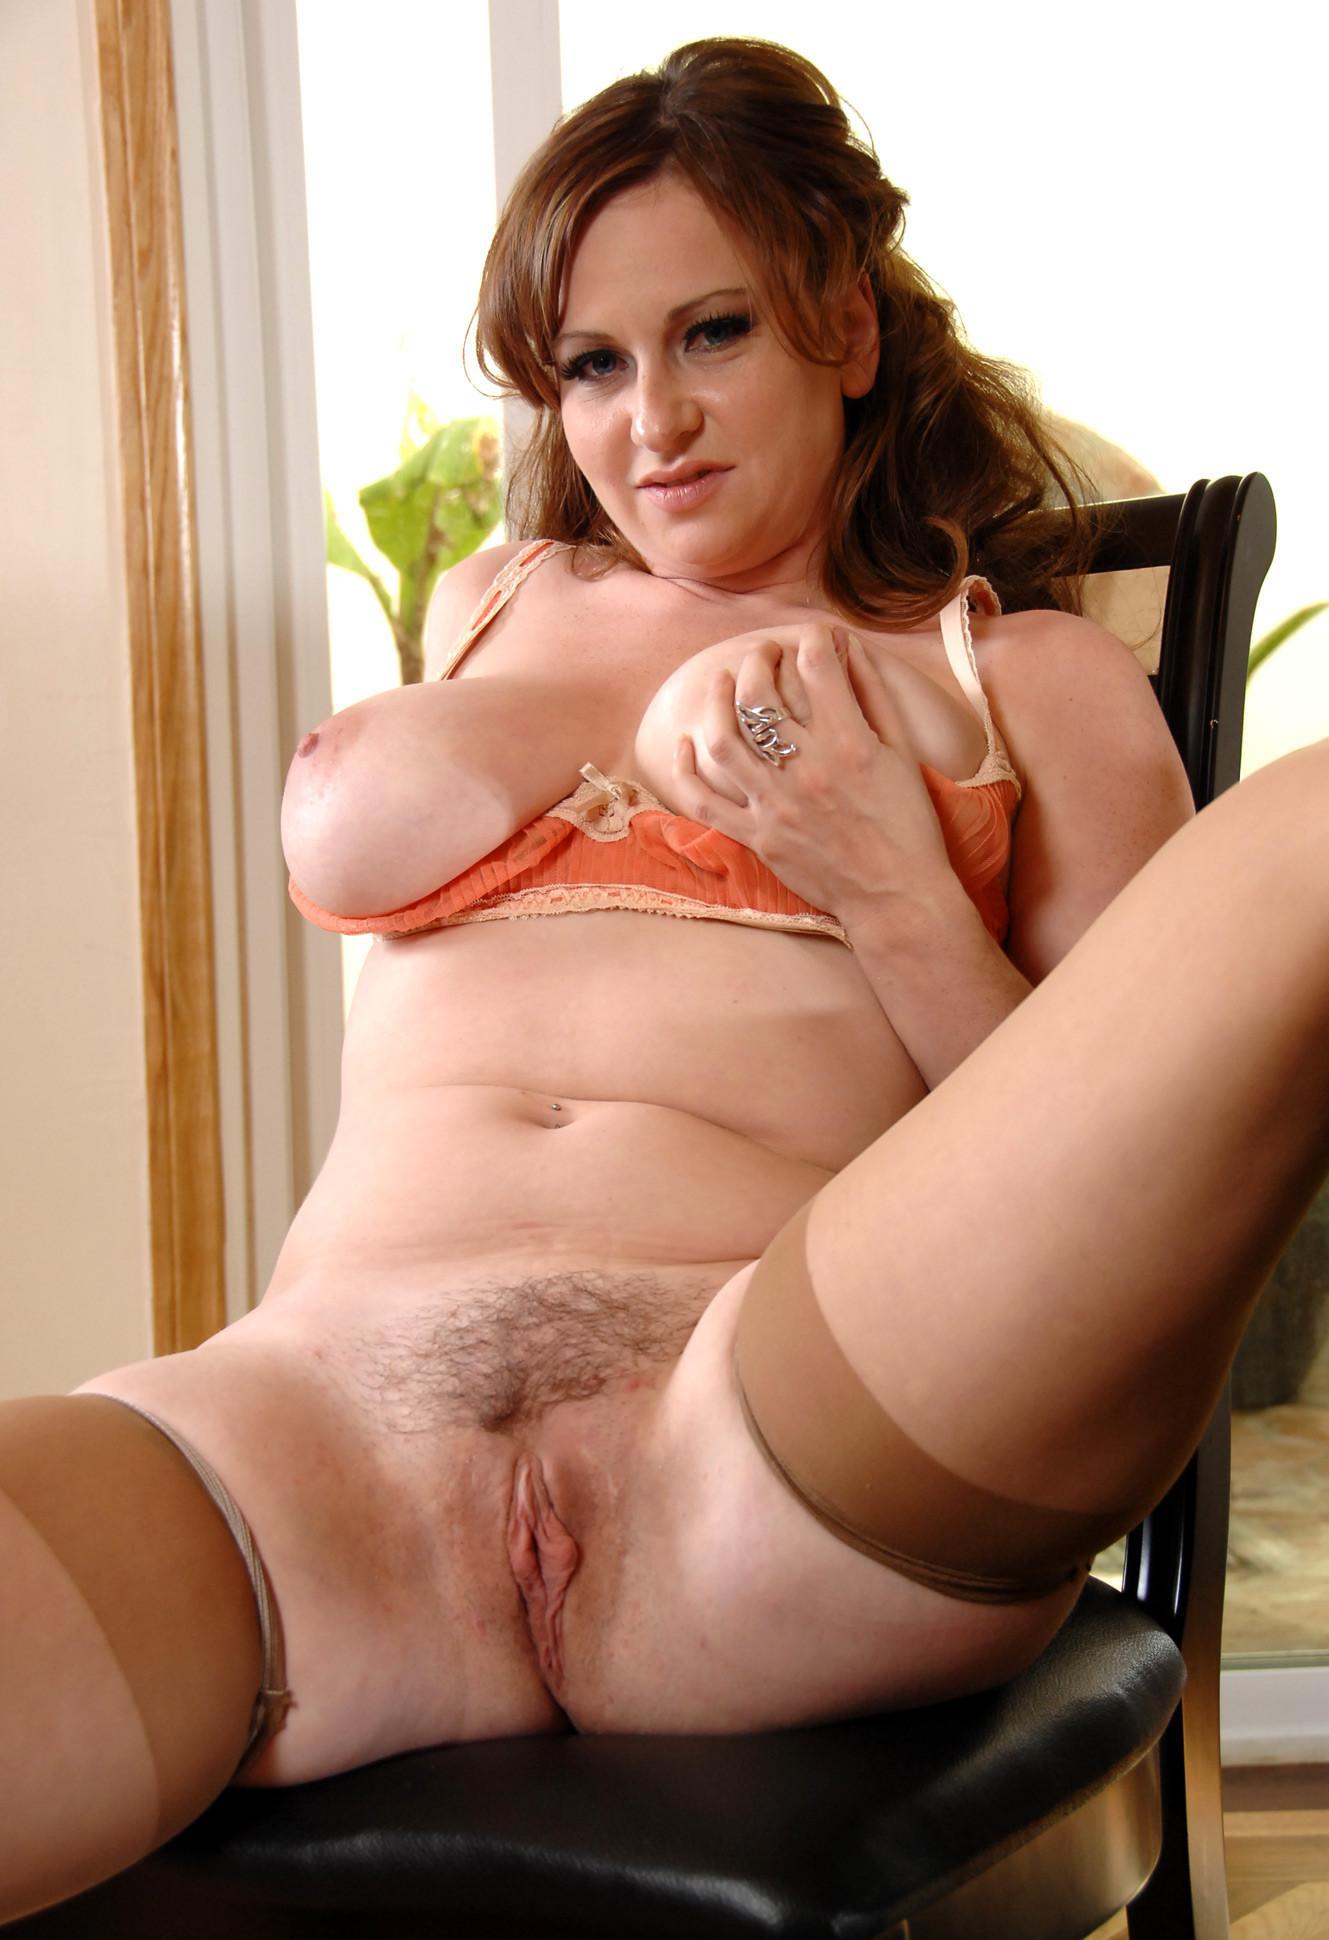 Slikke vagina mature milf porn